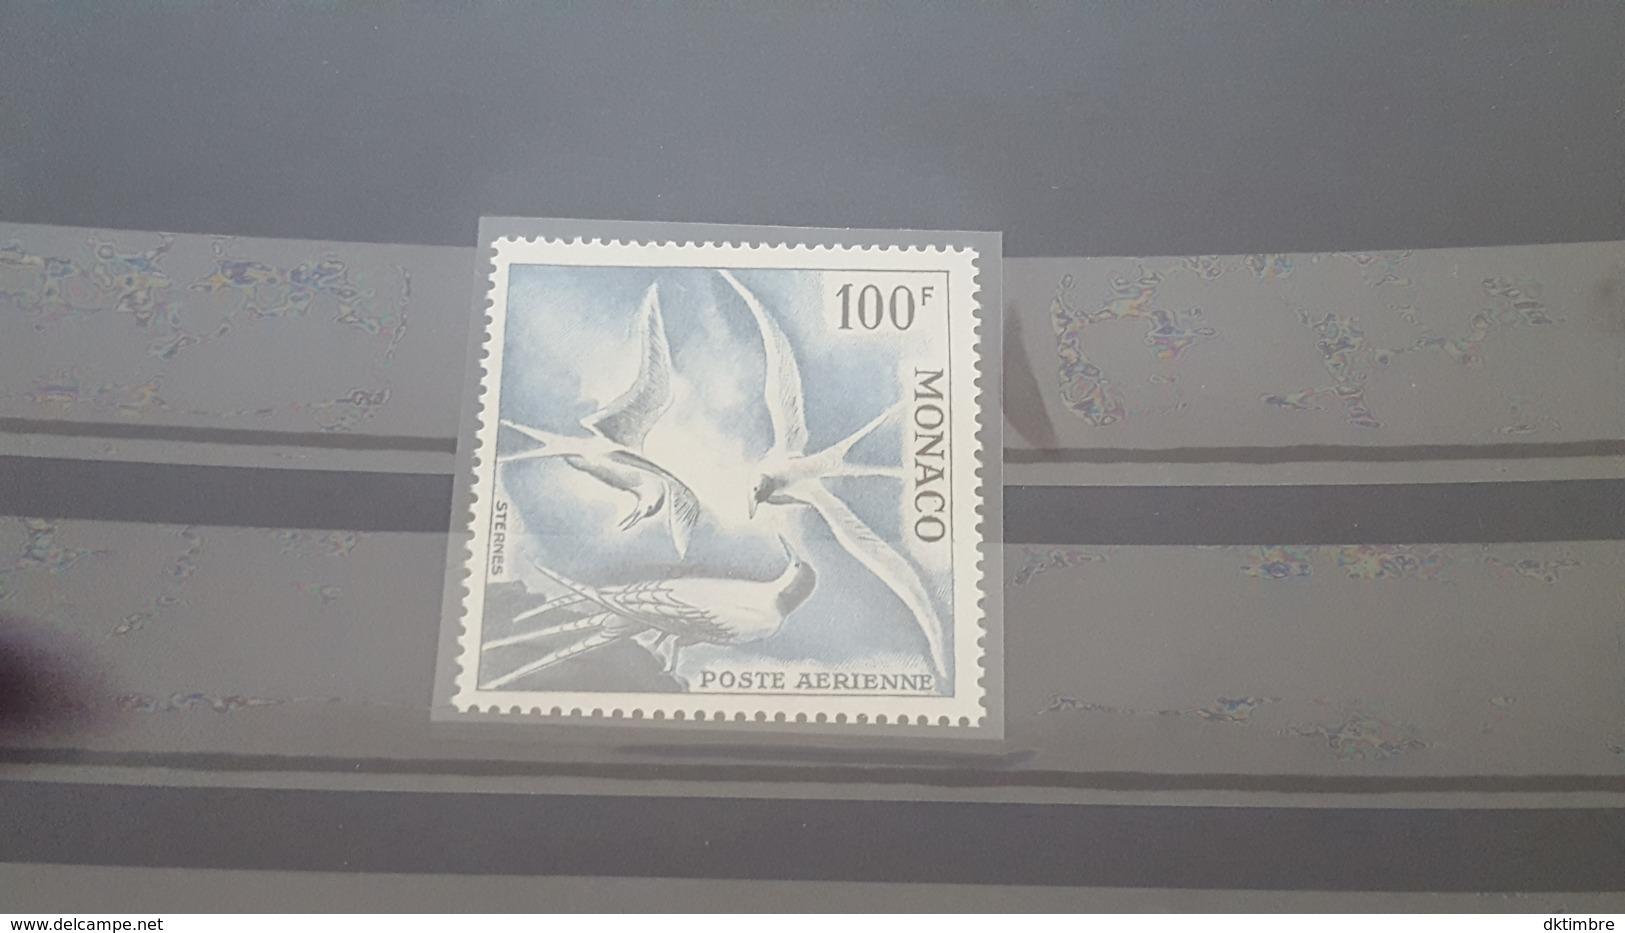 LOT 460854 TIMBRE DE MONACO NEUF** LUXE N°66 - Poste Aérienne